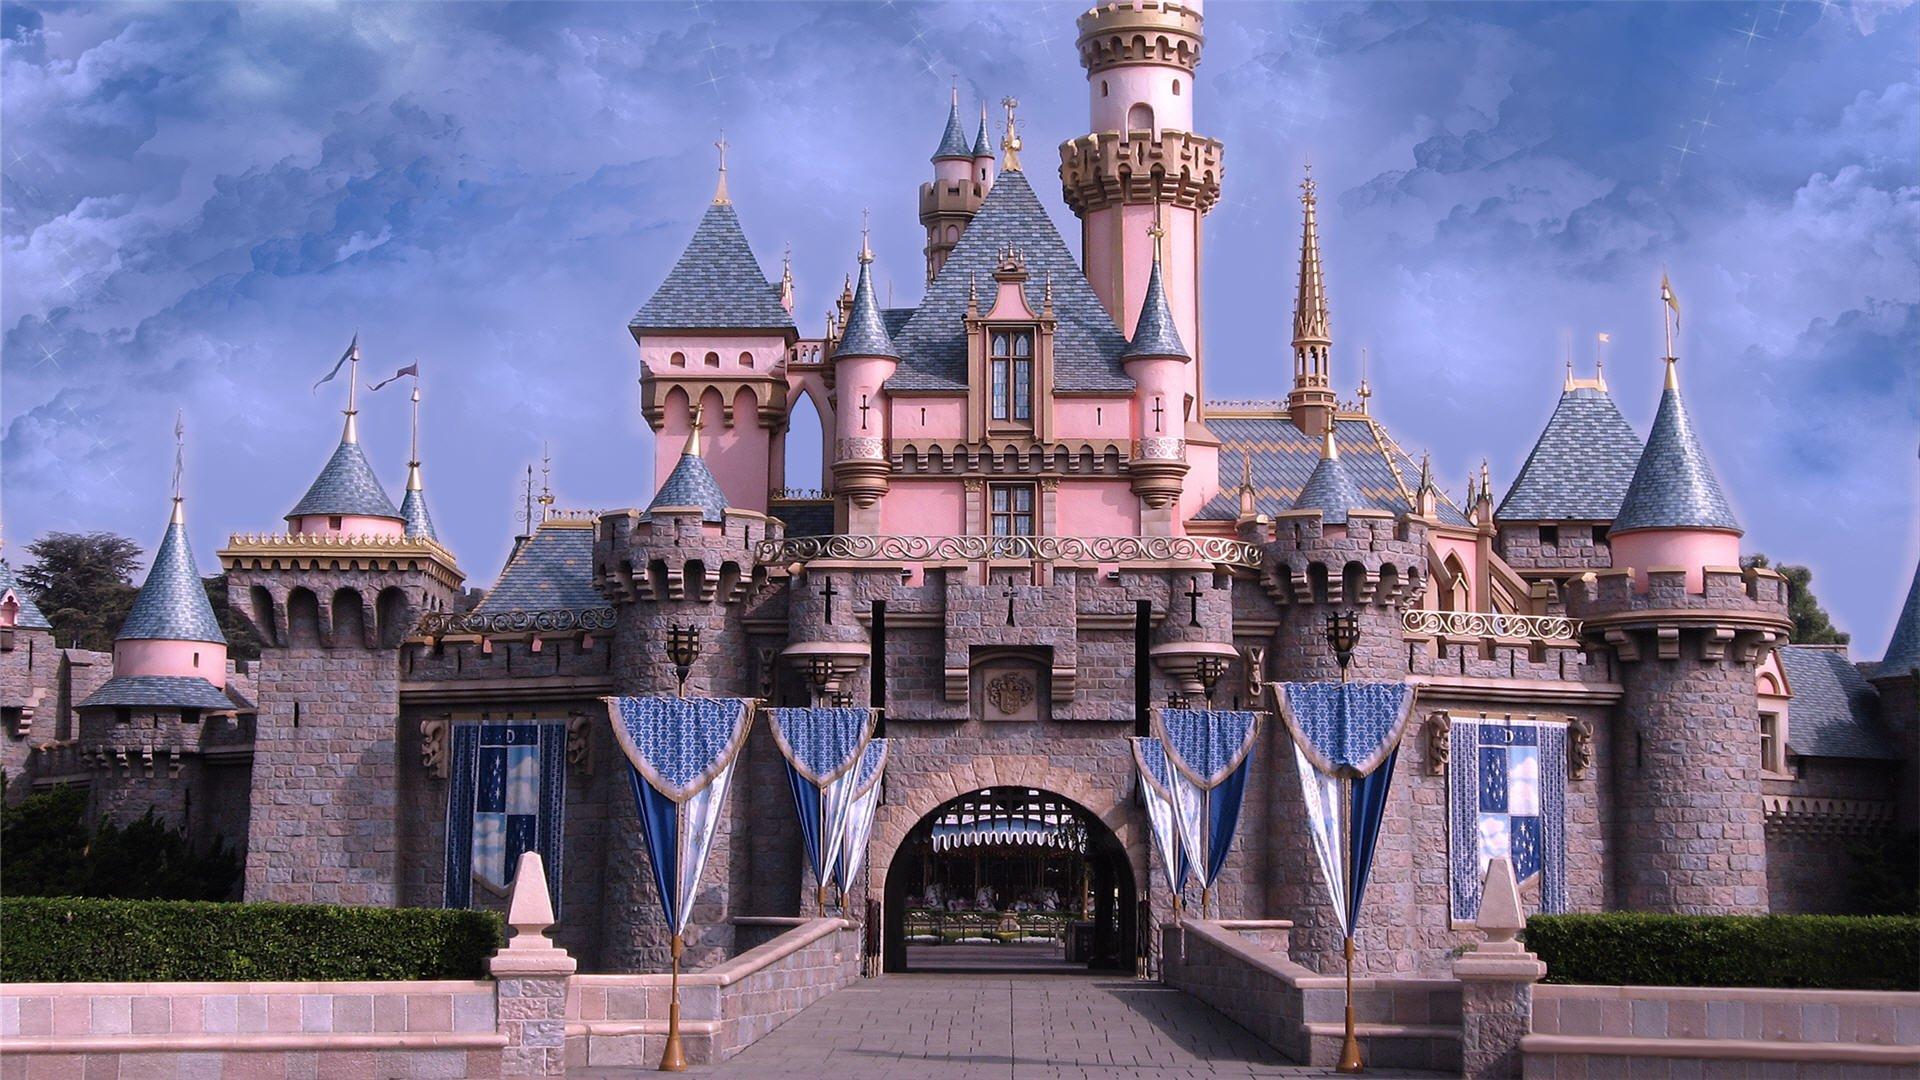 download Disney Castles Wallpaper HD 1920x1080 3389 1920x1080